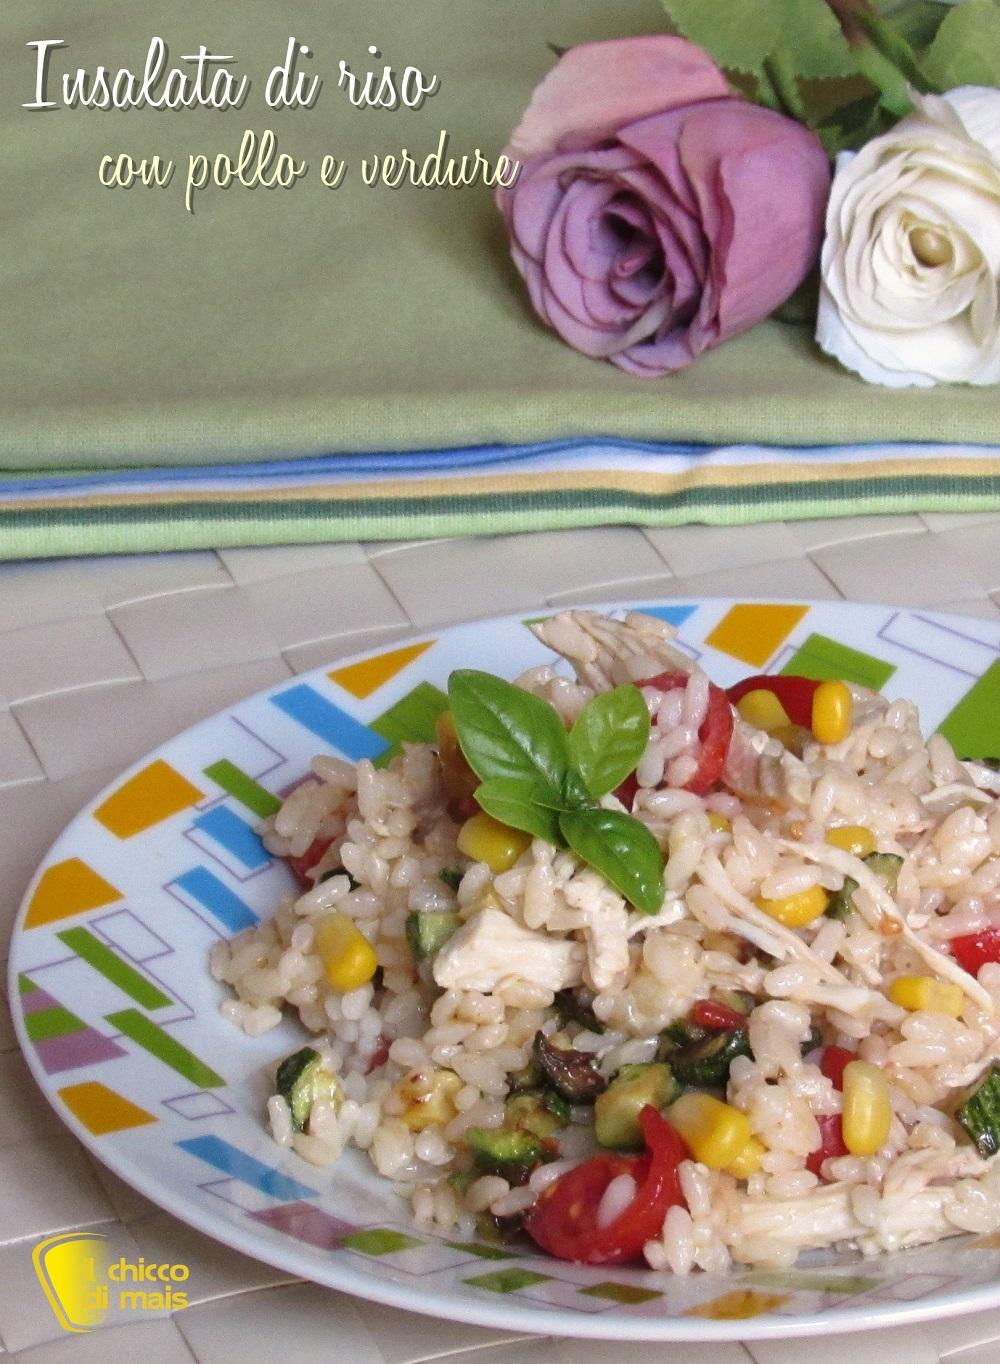 verticale_insalata di riso con pollo e verdure ricetta estiva riso freddo con pollo sfilacciato il chicco di mais